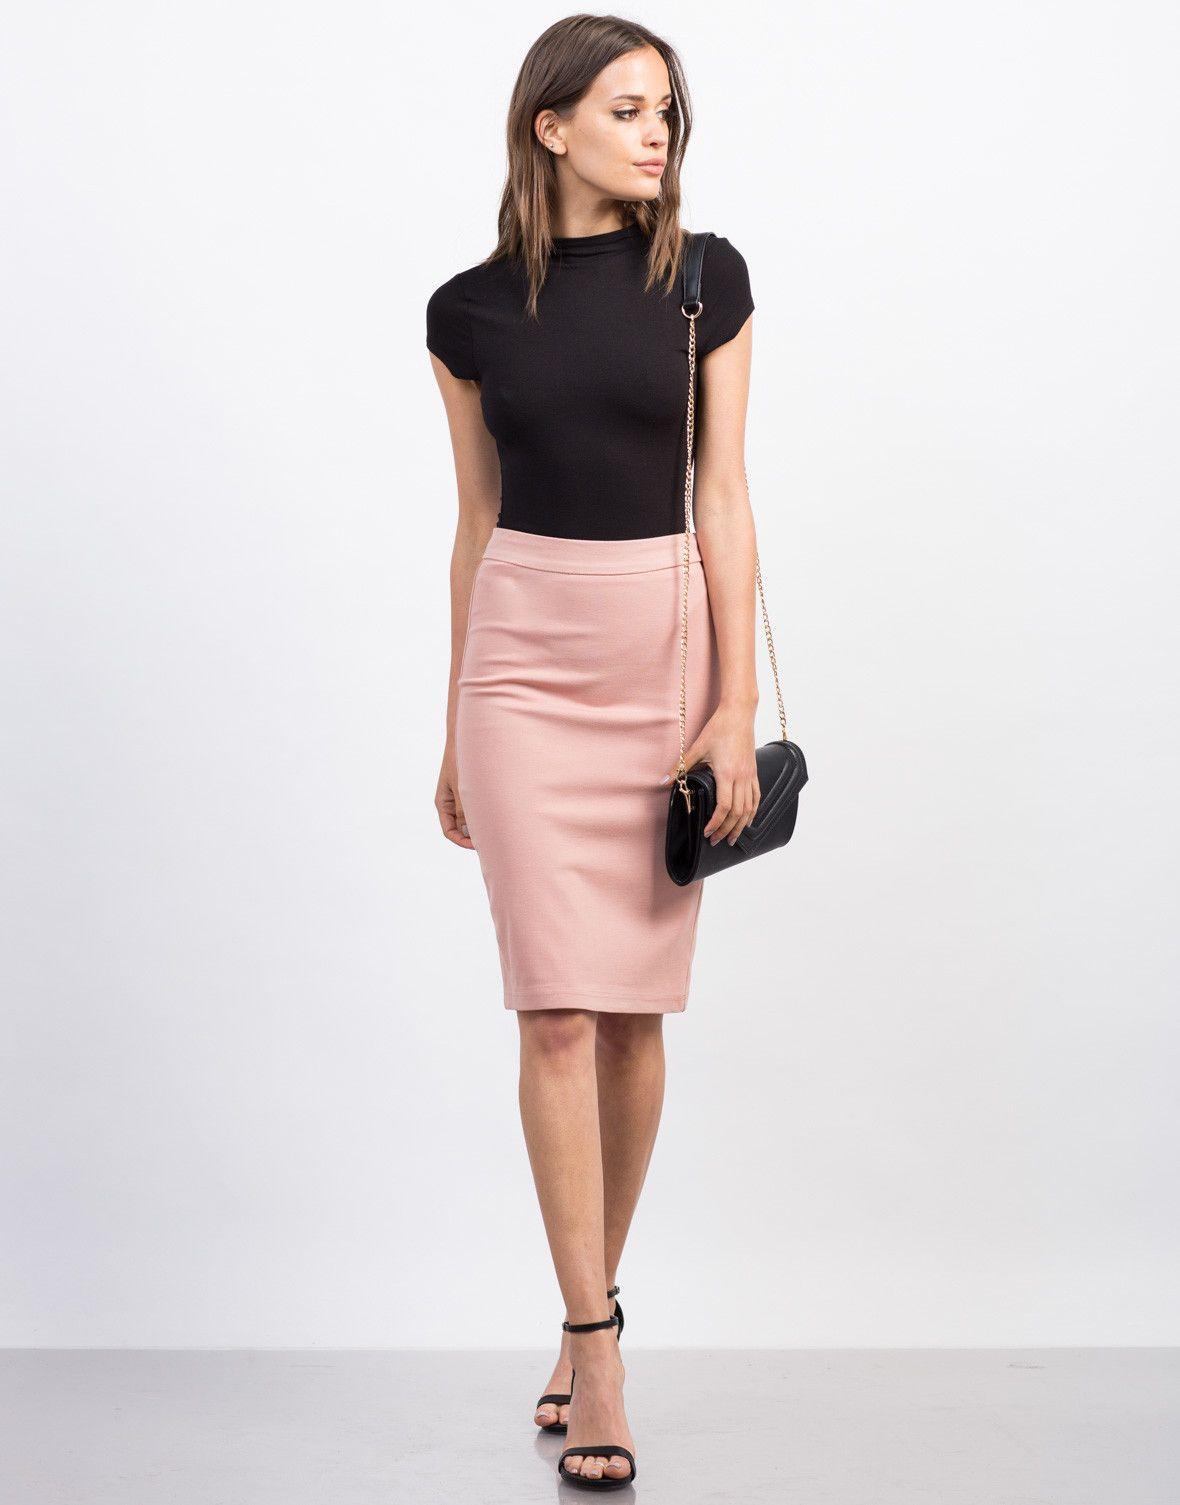 Side Zipper Pencil Skirt | Pencil skirts